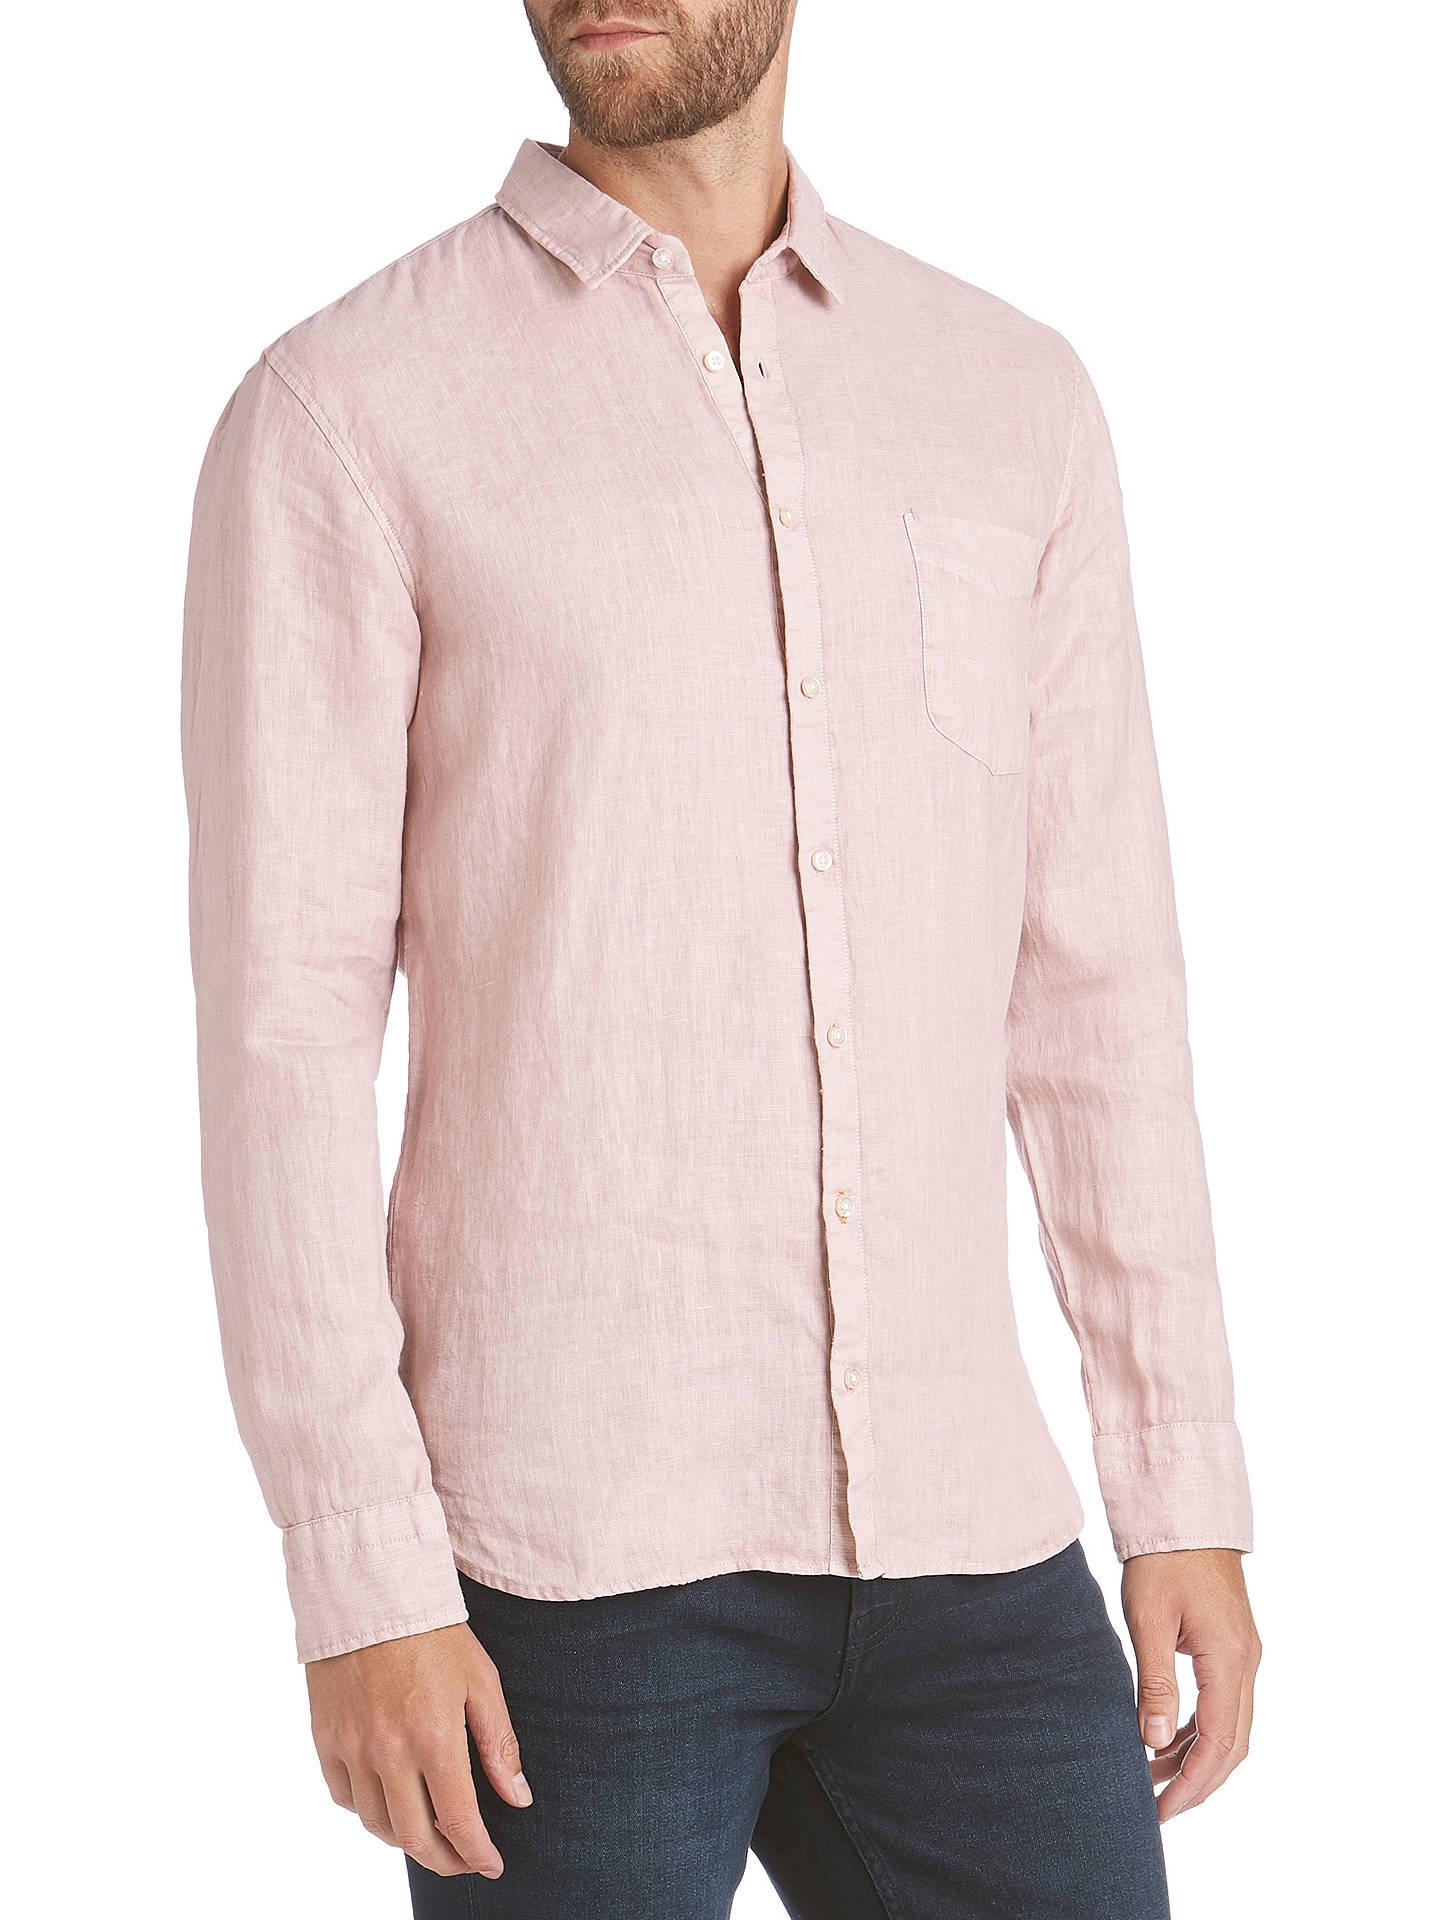 4ebbed3a17a5 Buy BOSS Cattitude Slim Fit Linen Shirt